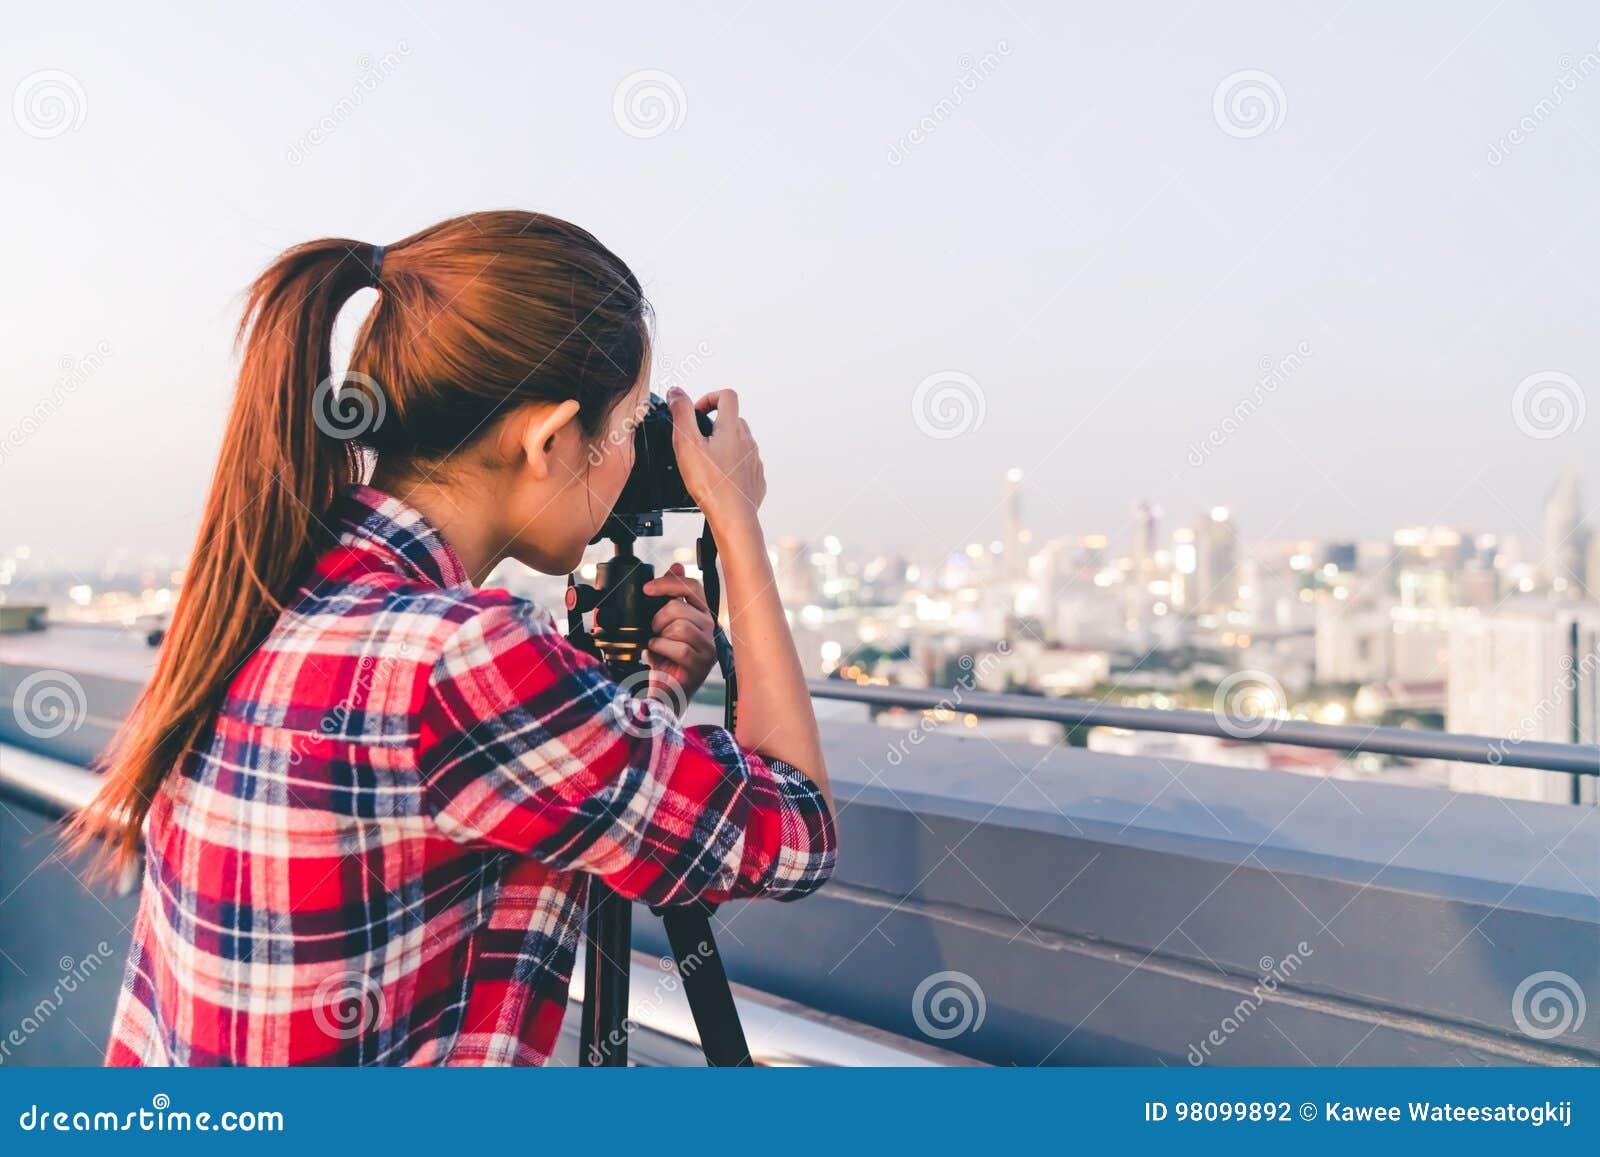 Lange haar Aziatische vrouw die cityscape foto bij de bouw van dak in laag lichtsituatie nemen Fotografie of hobbyconcept Met exe